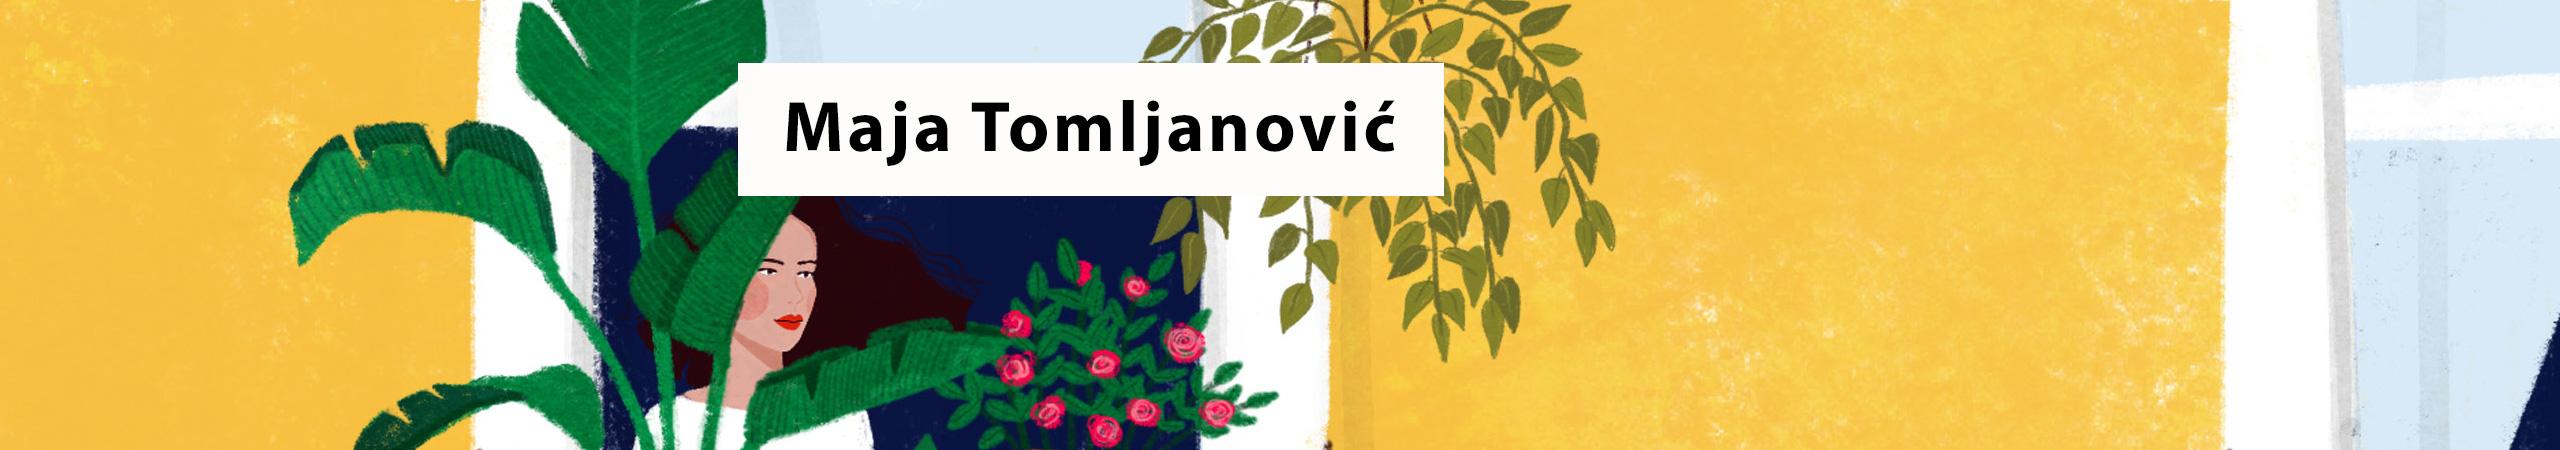 Maja Tomljanović